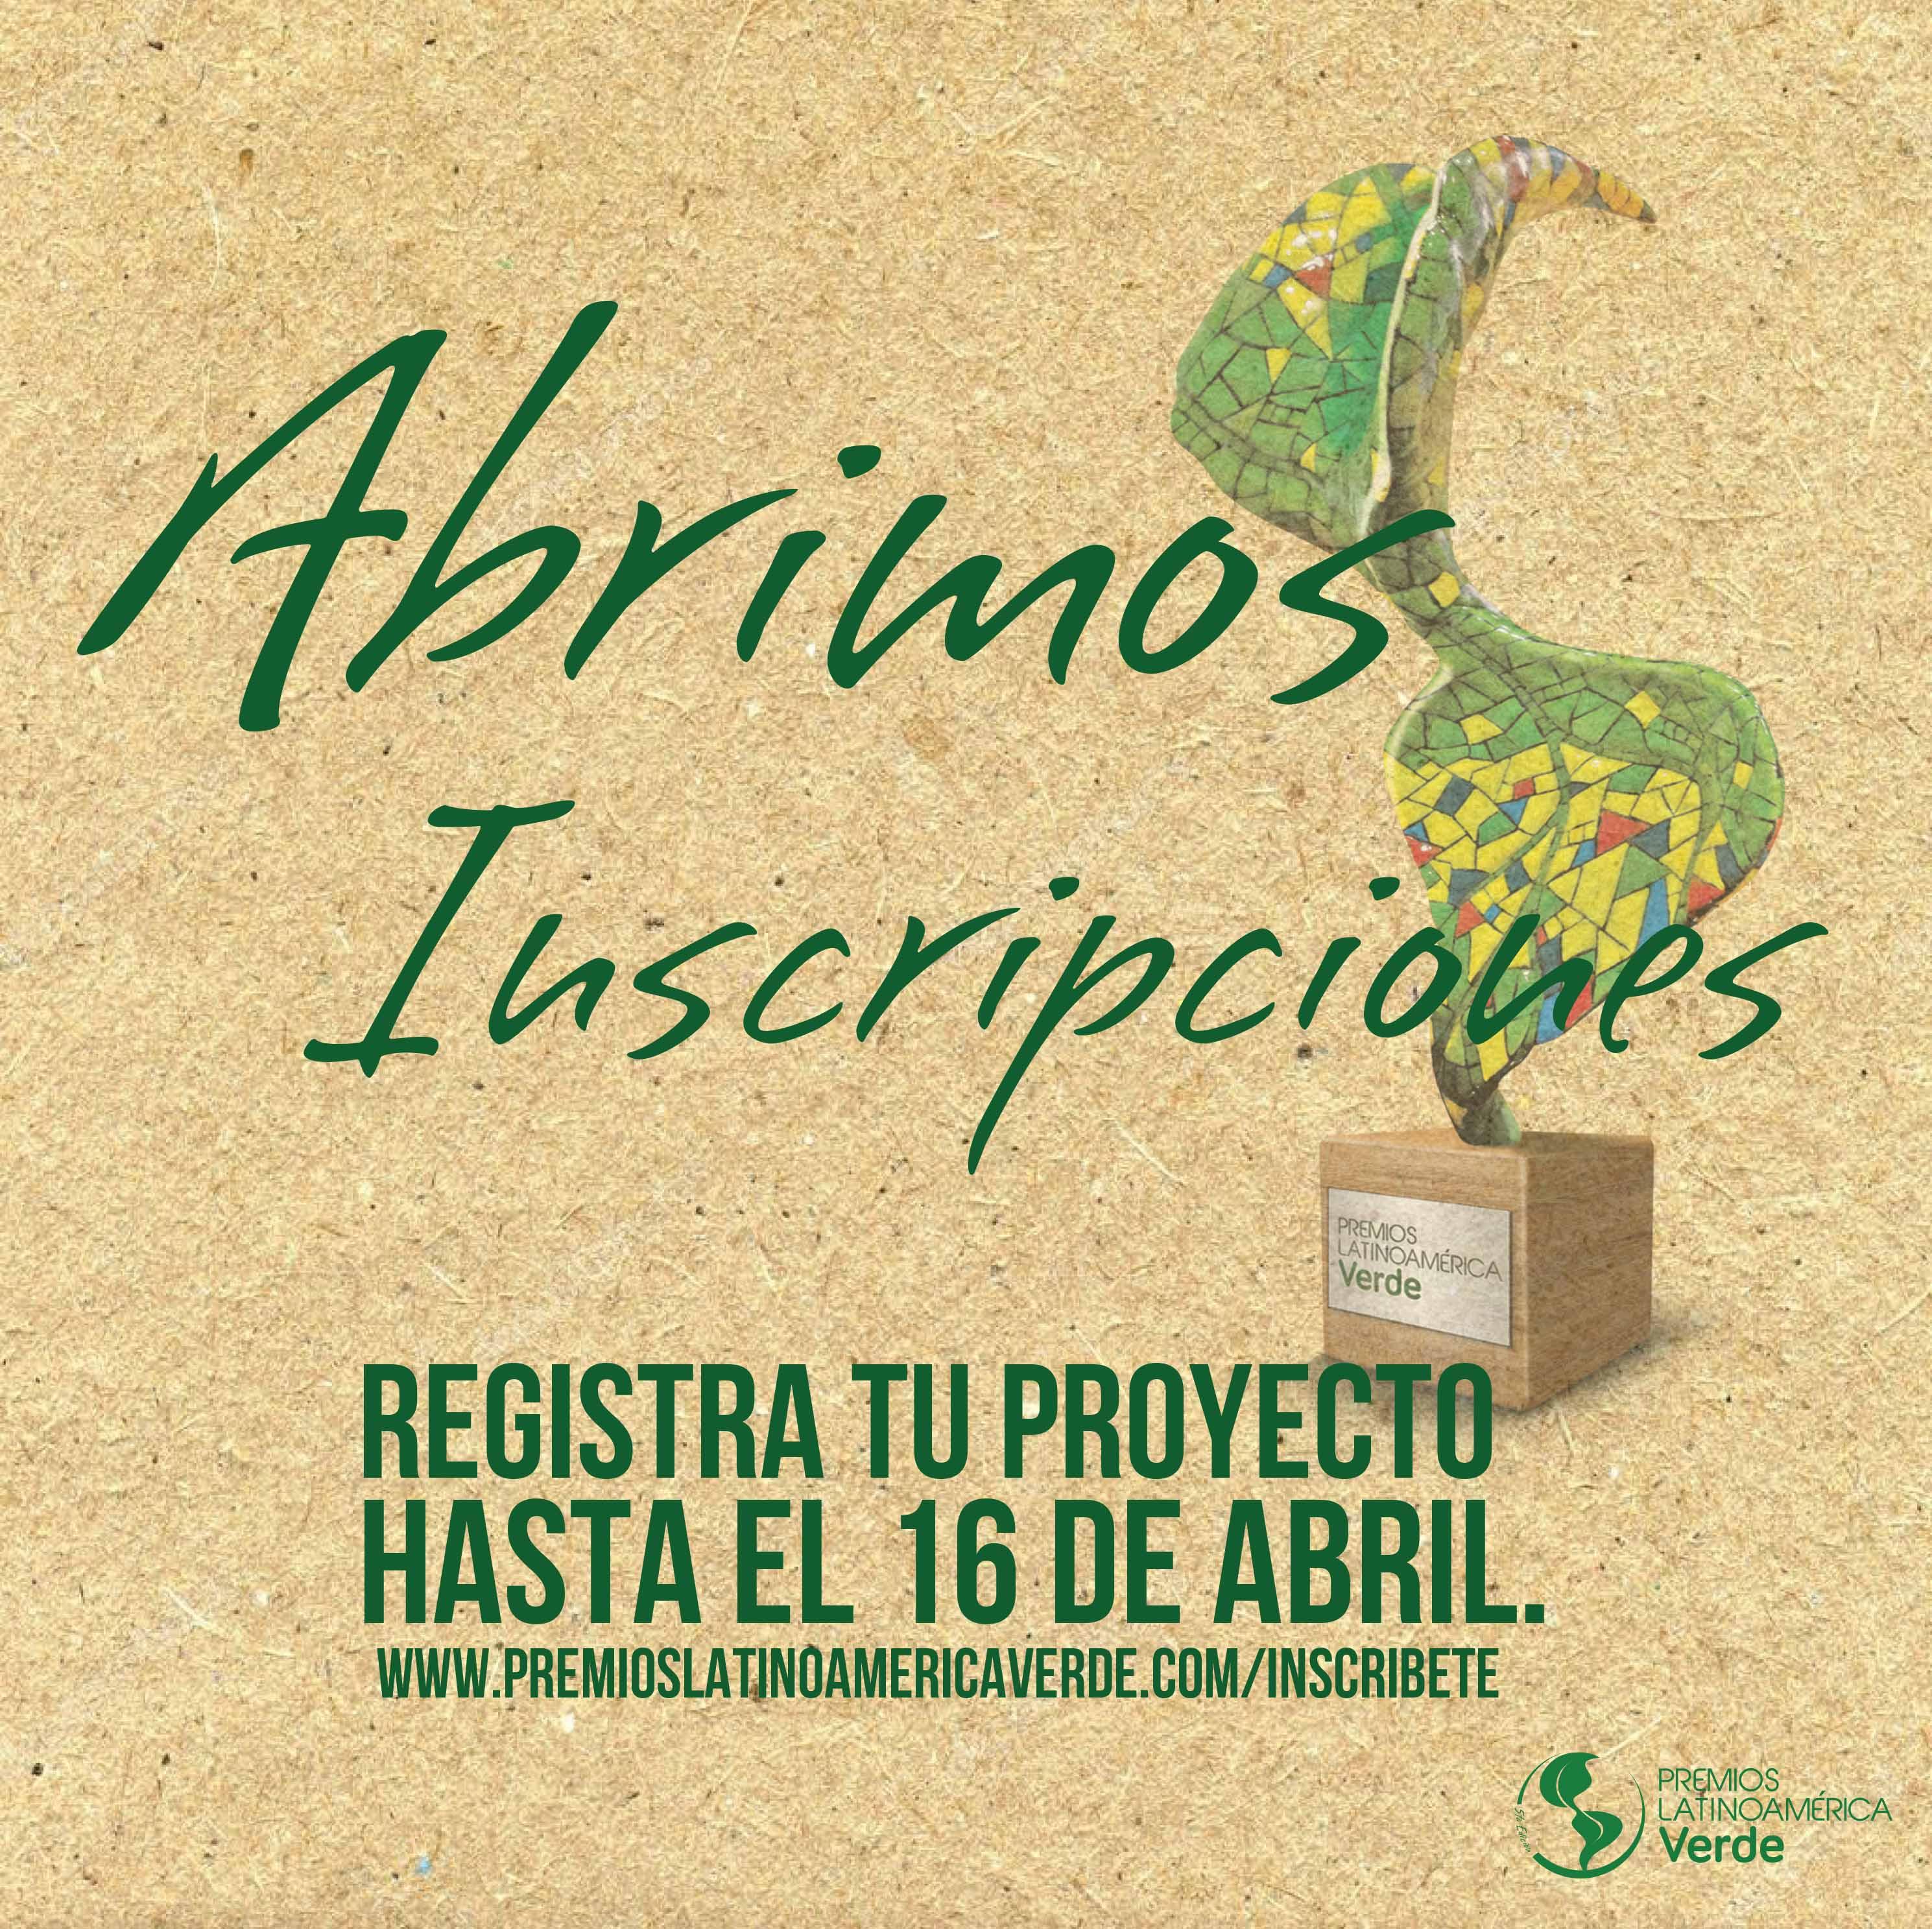 CEADS apoya institucionalmente a la 5ta edición de los Premios Latinoamérica Verde